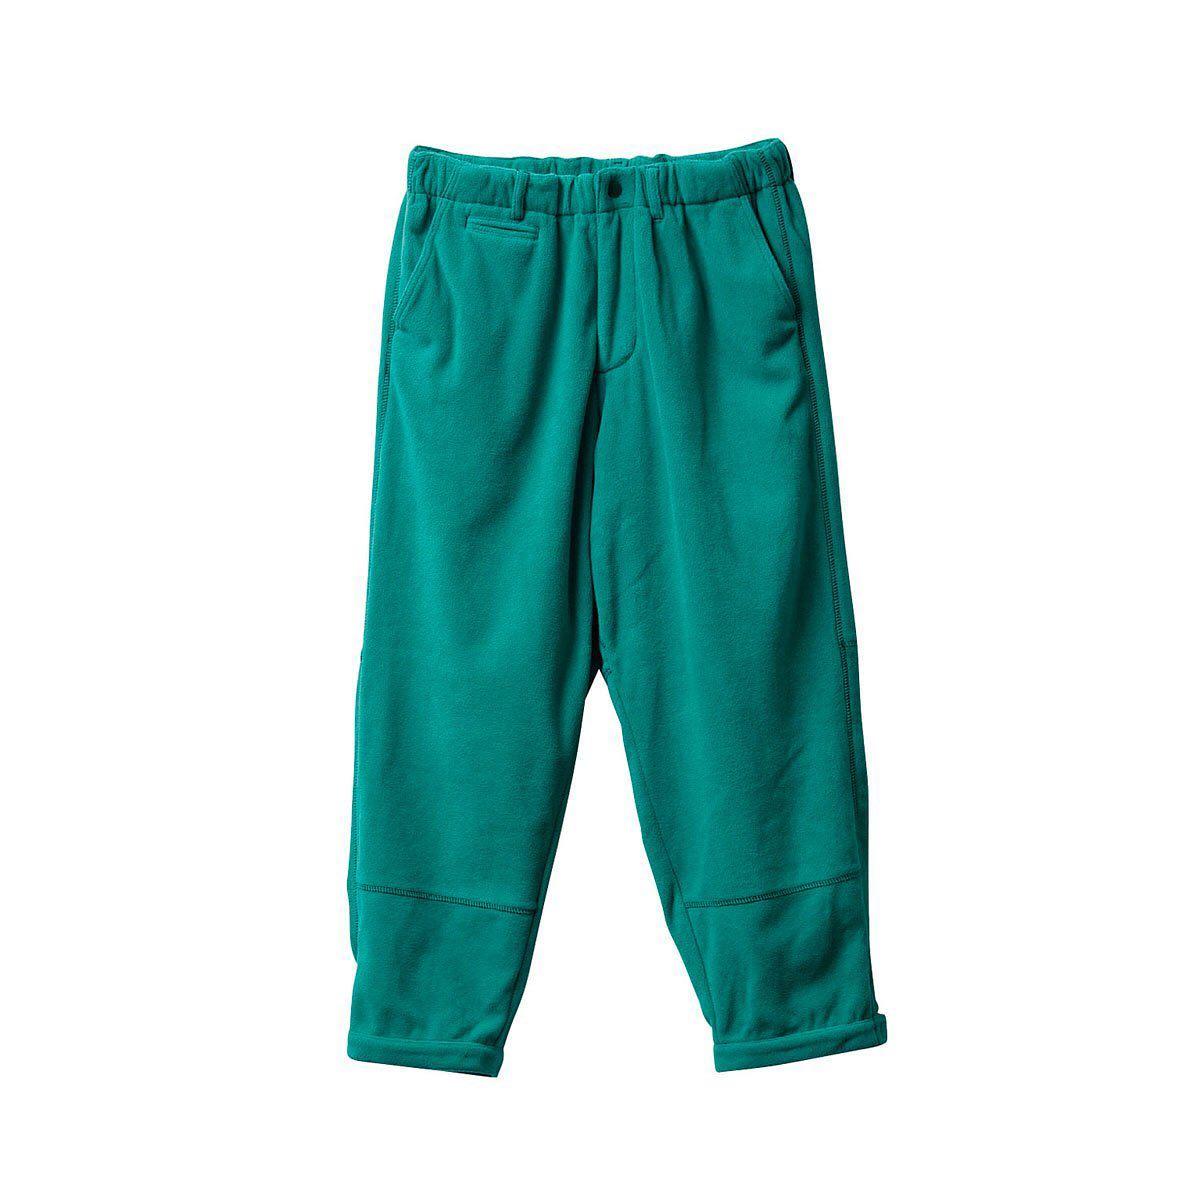 ・@evisenskateco / STITCH FLEECE PANTS冬に欠かせないフリースパンツをNewシルエットで仕上げました。保温性はもちろん、股部分に設けたマチで可動域を広げ、動きやすさも確保。切り替え部分のステッチ配色が洒落の効いたアクセントに。裾のマジックテープでシルエットラインの調整が可能STITCH FLEECE JKTとのセットアップもおすすめ。